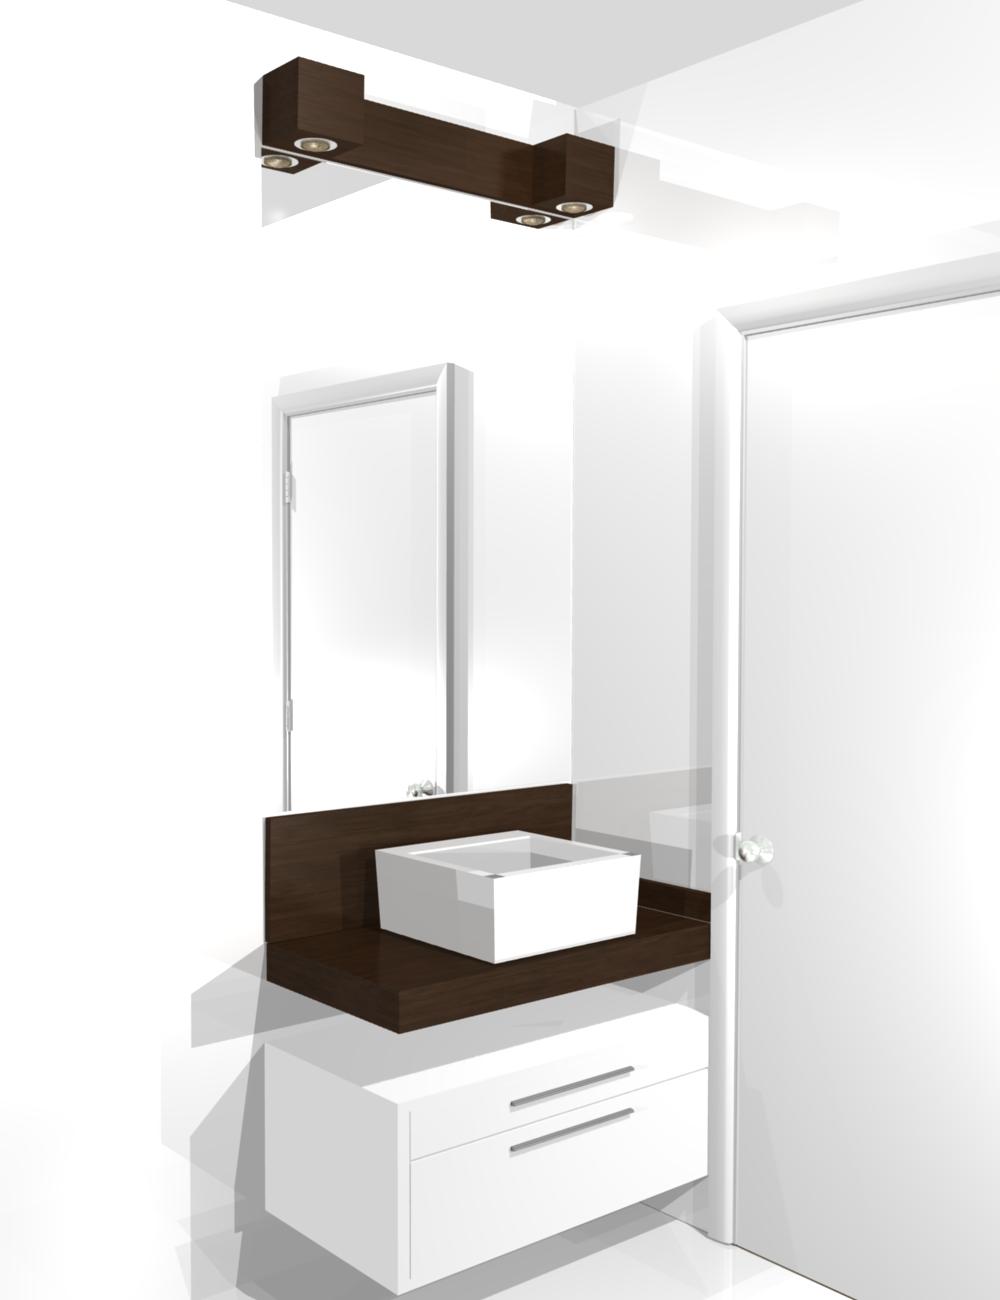 Pin Moveis Planejado Banho Banheiro Gabinete Pequenos Modernos Lindos on Pint -> Banheiro Moderno Com